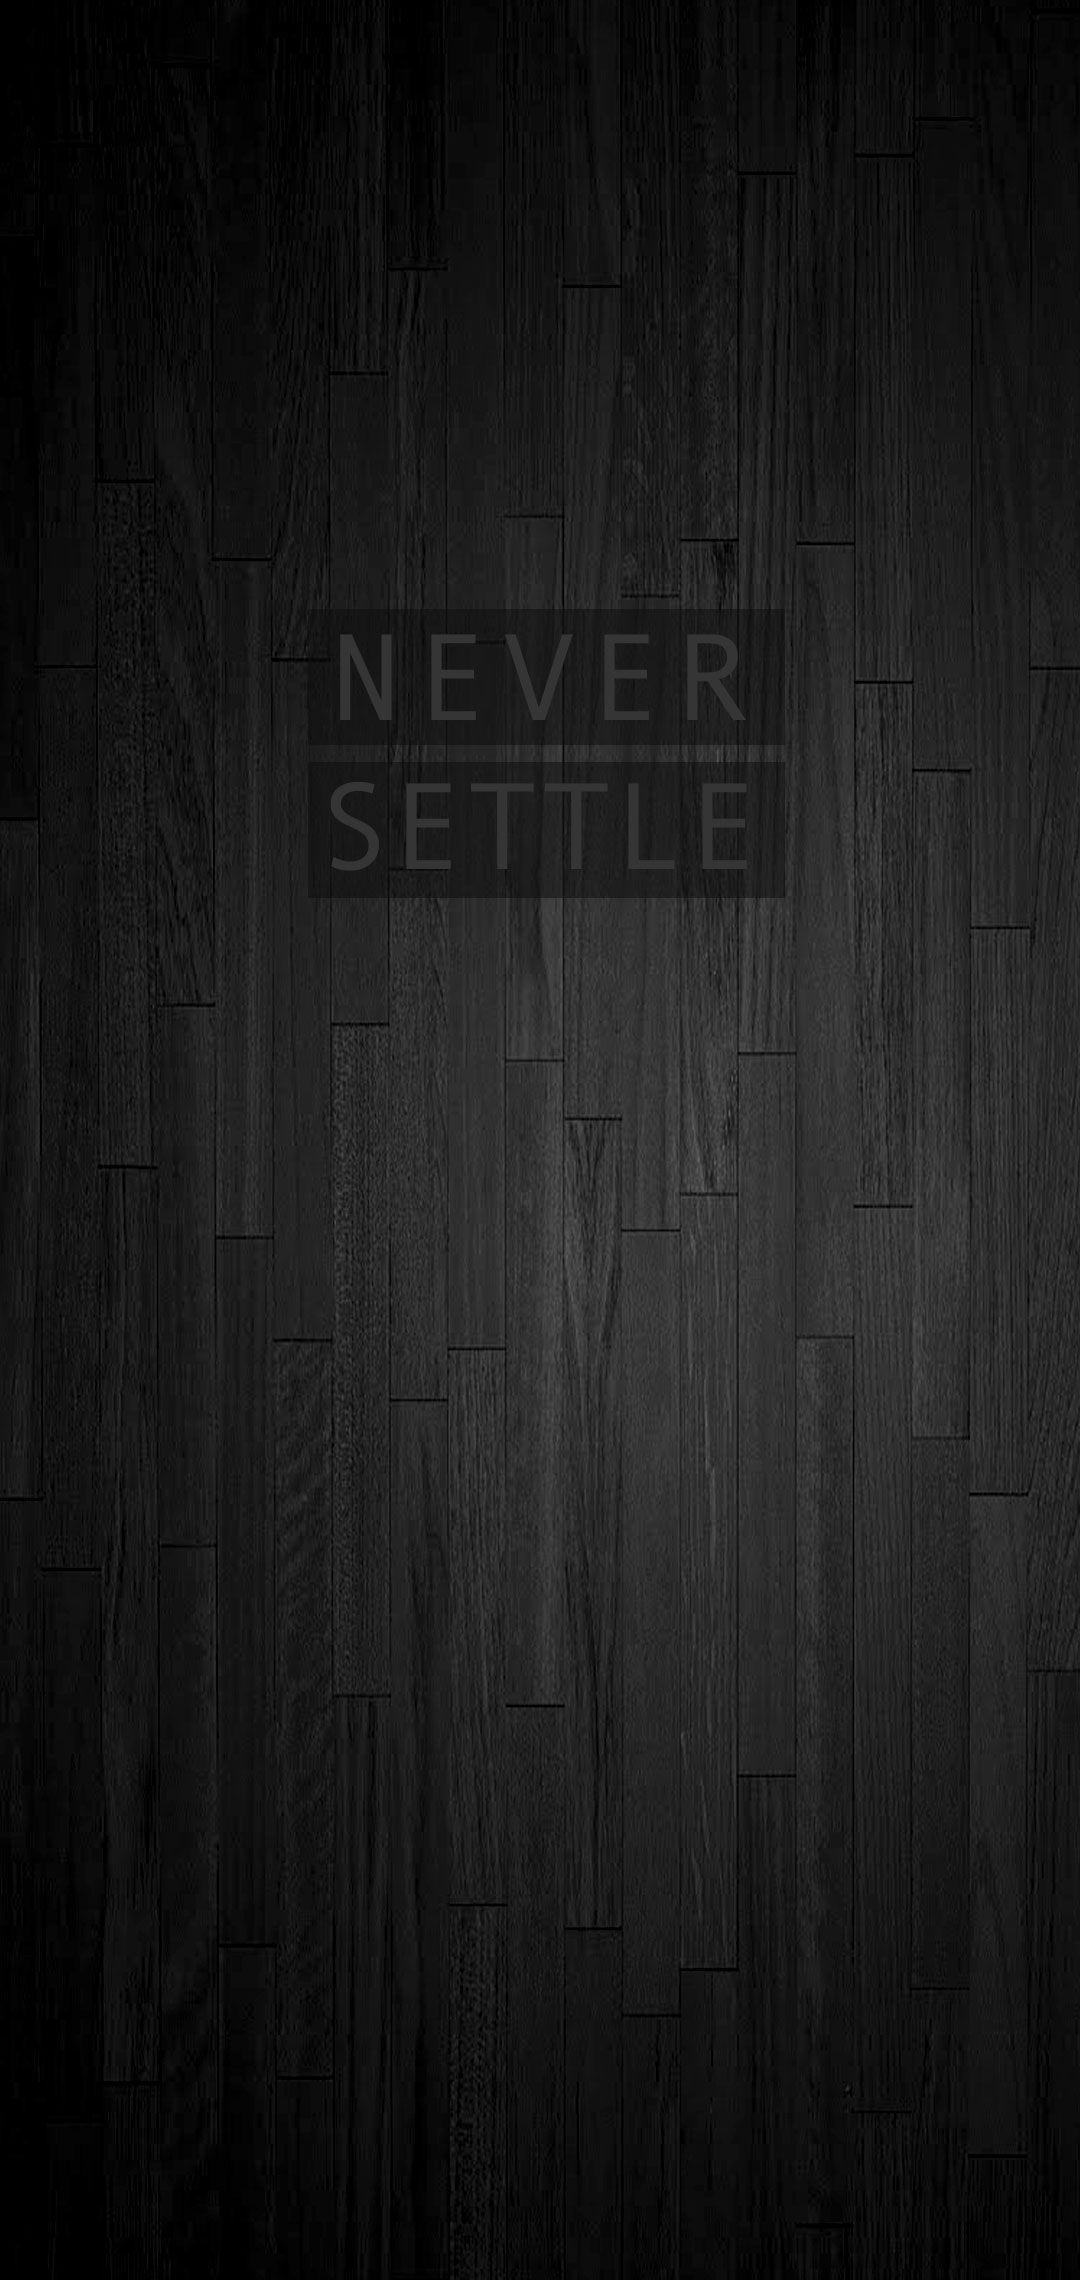 Never Settle Oneplus Background Never Settle Wallpapers Oneplus Wallpapers Dark Phone Wallpapers Dark wallpaper oneplus pro